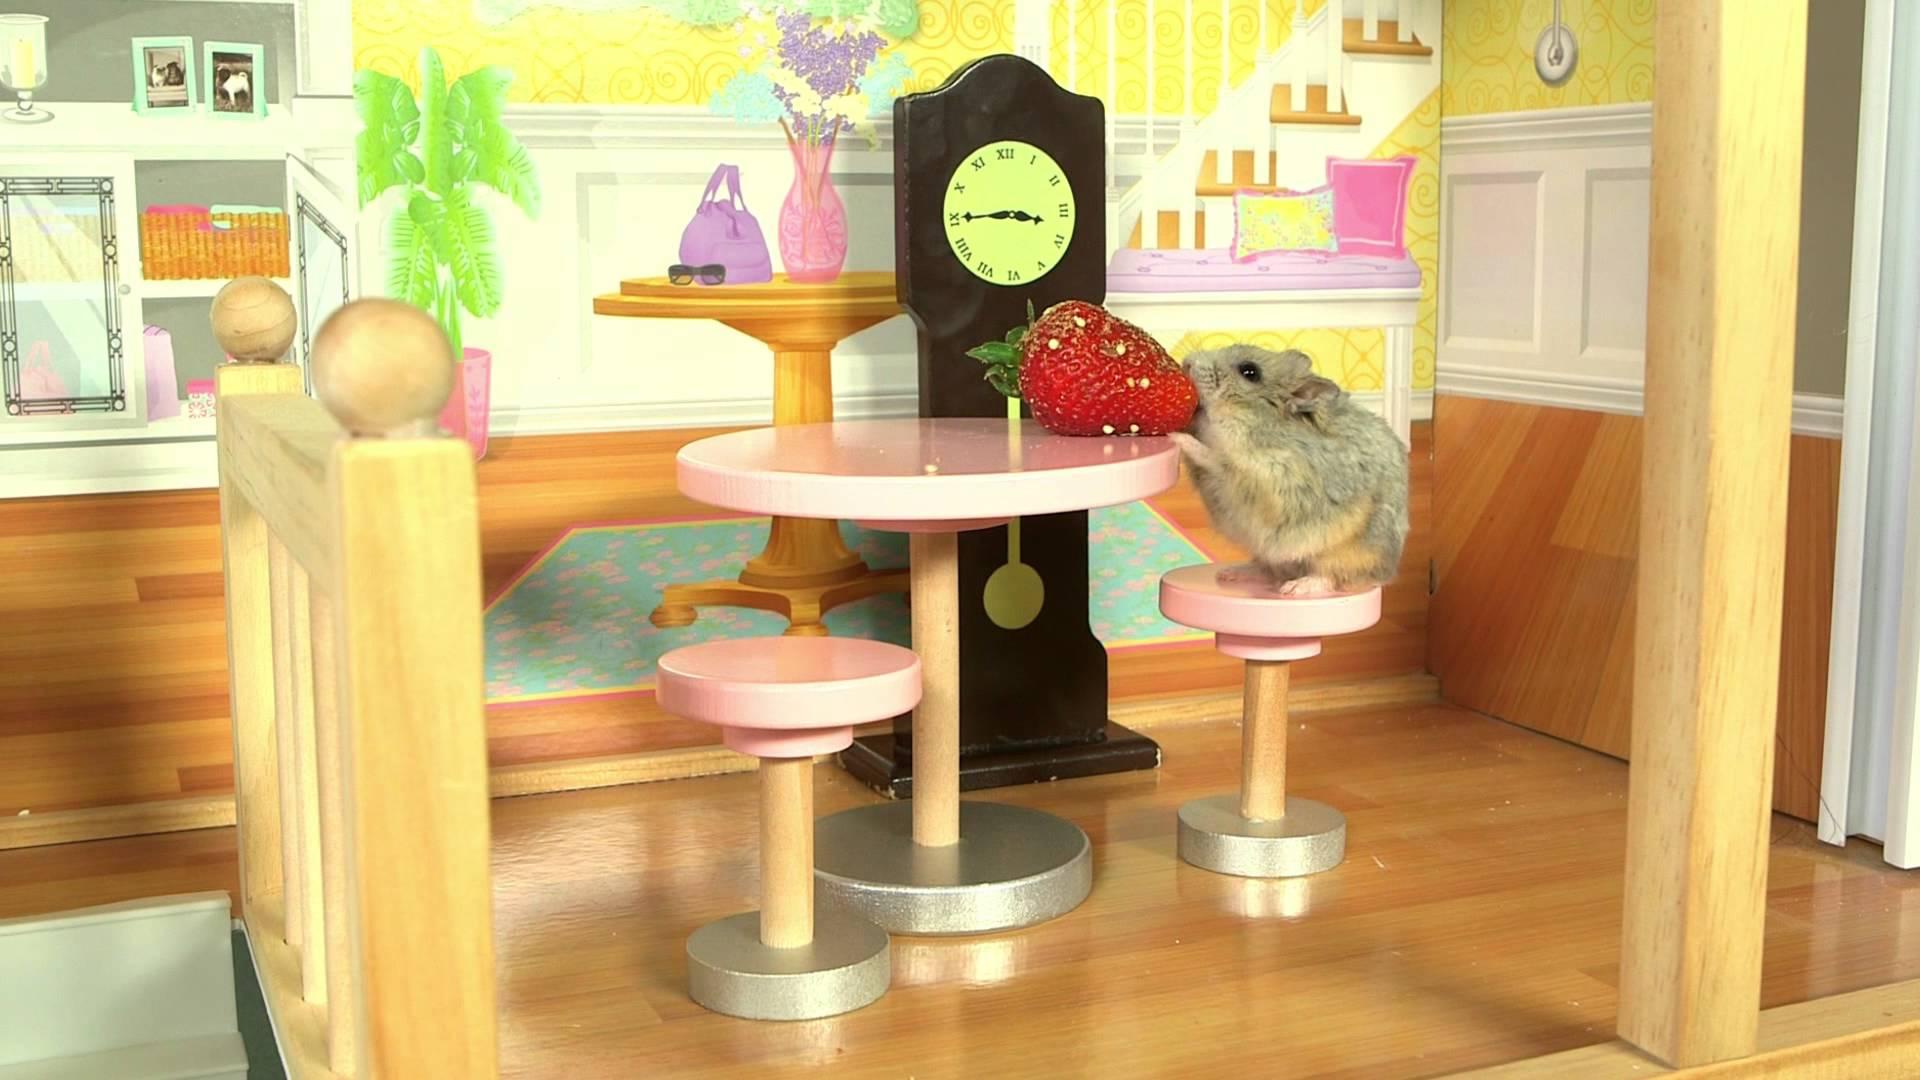 maxresdefault117 Ein kleiner Hamster in einem kleinen Haus